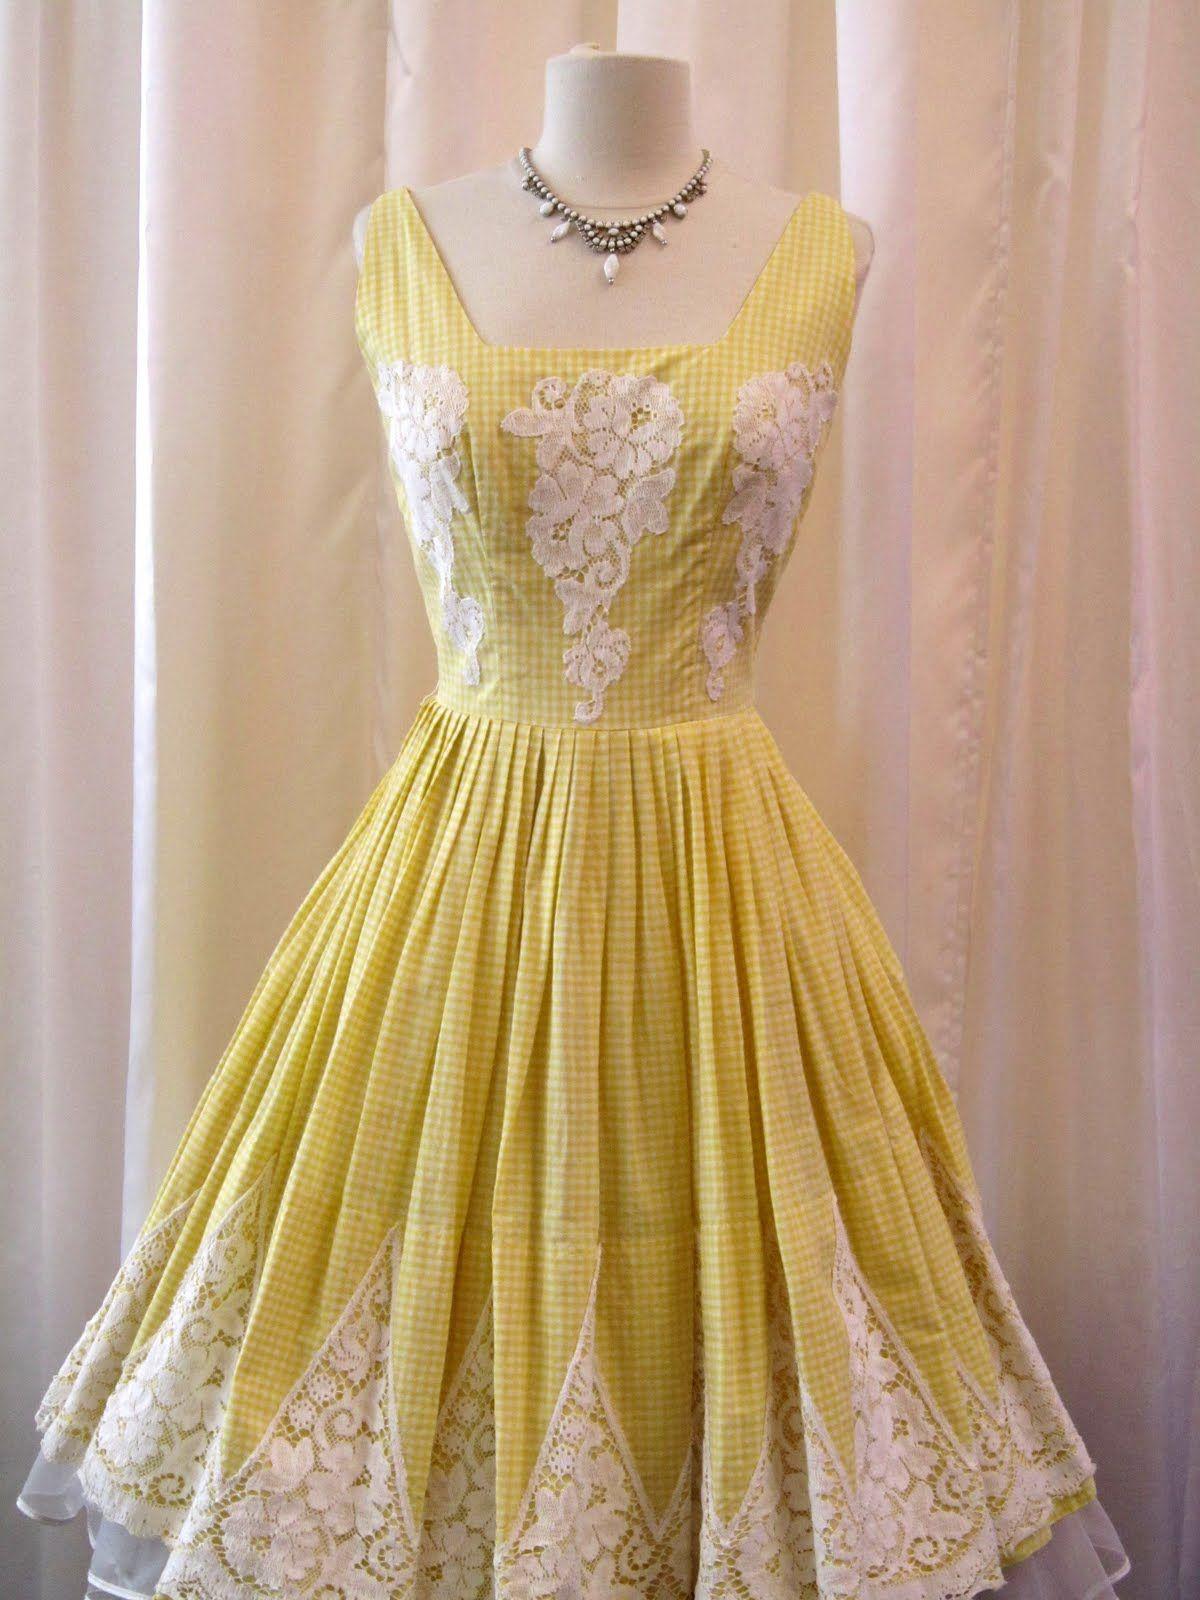 1950s lace dress  yellow lace dress  s Yellow Gingham u Lace Prom Dress  daciaus